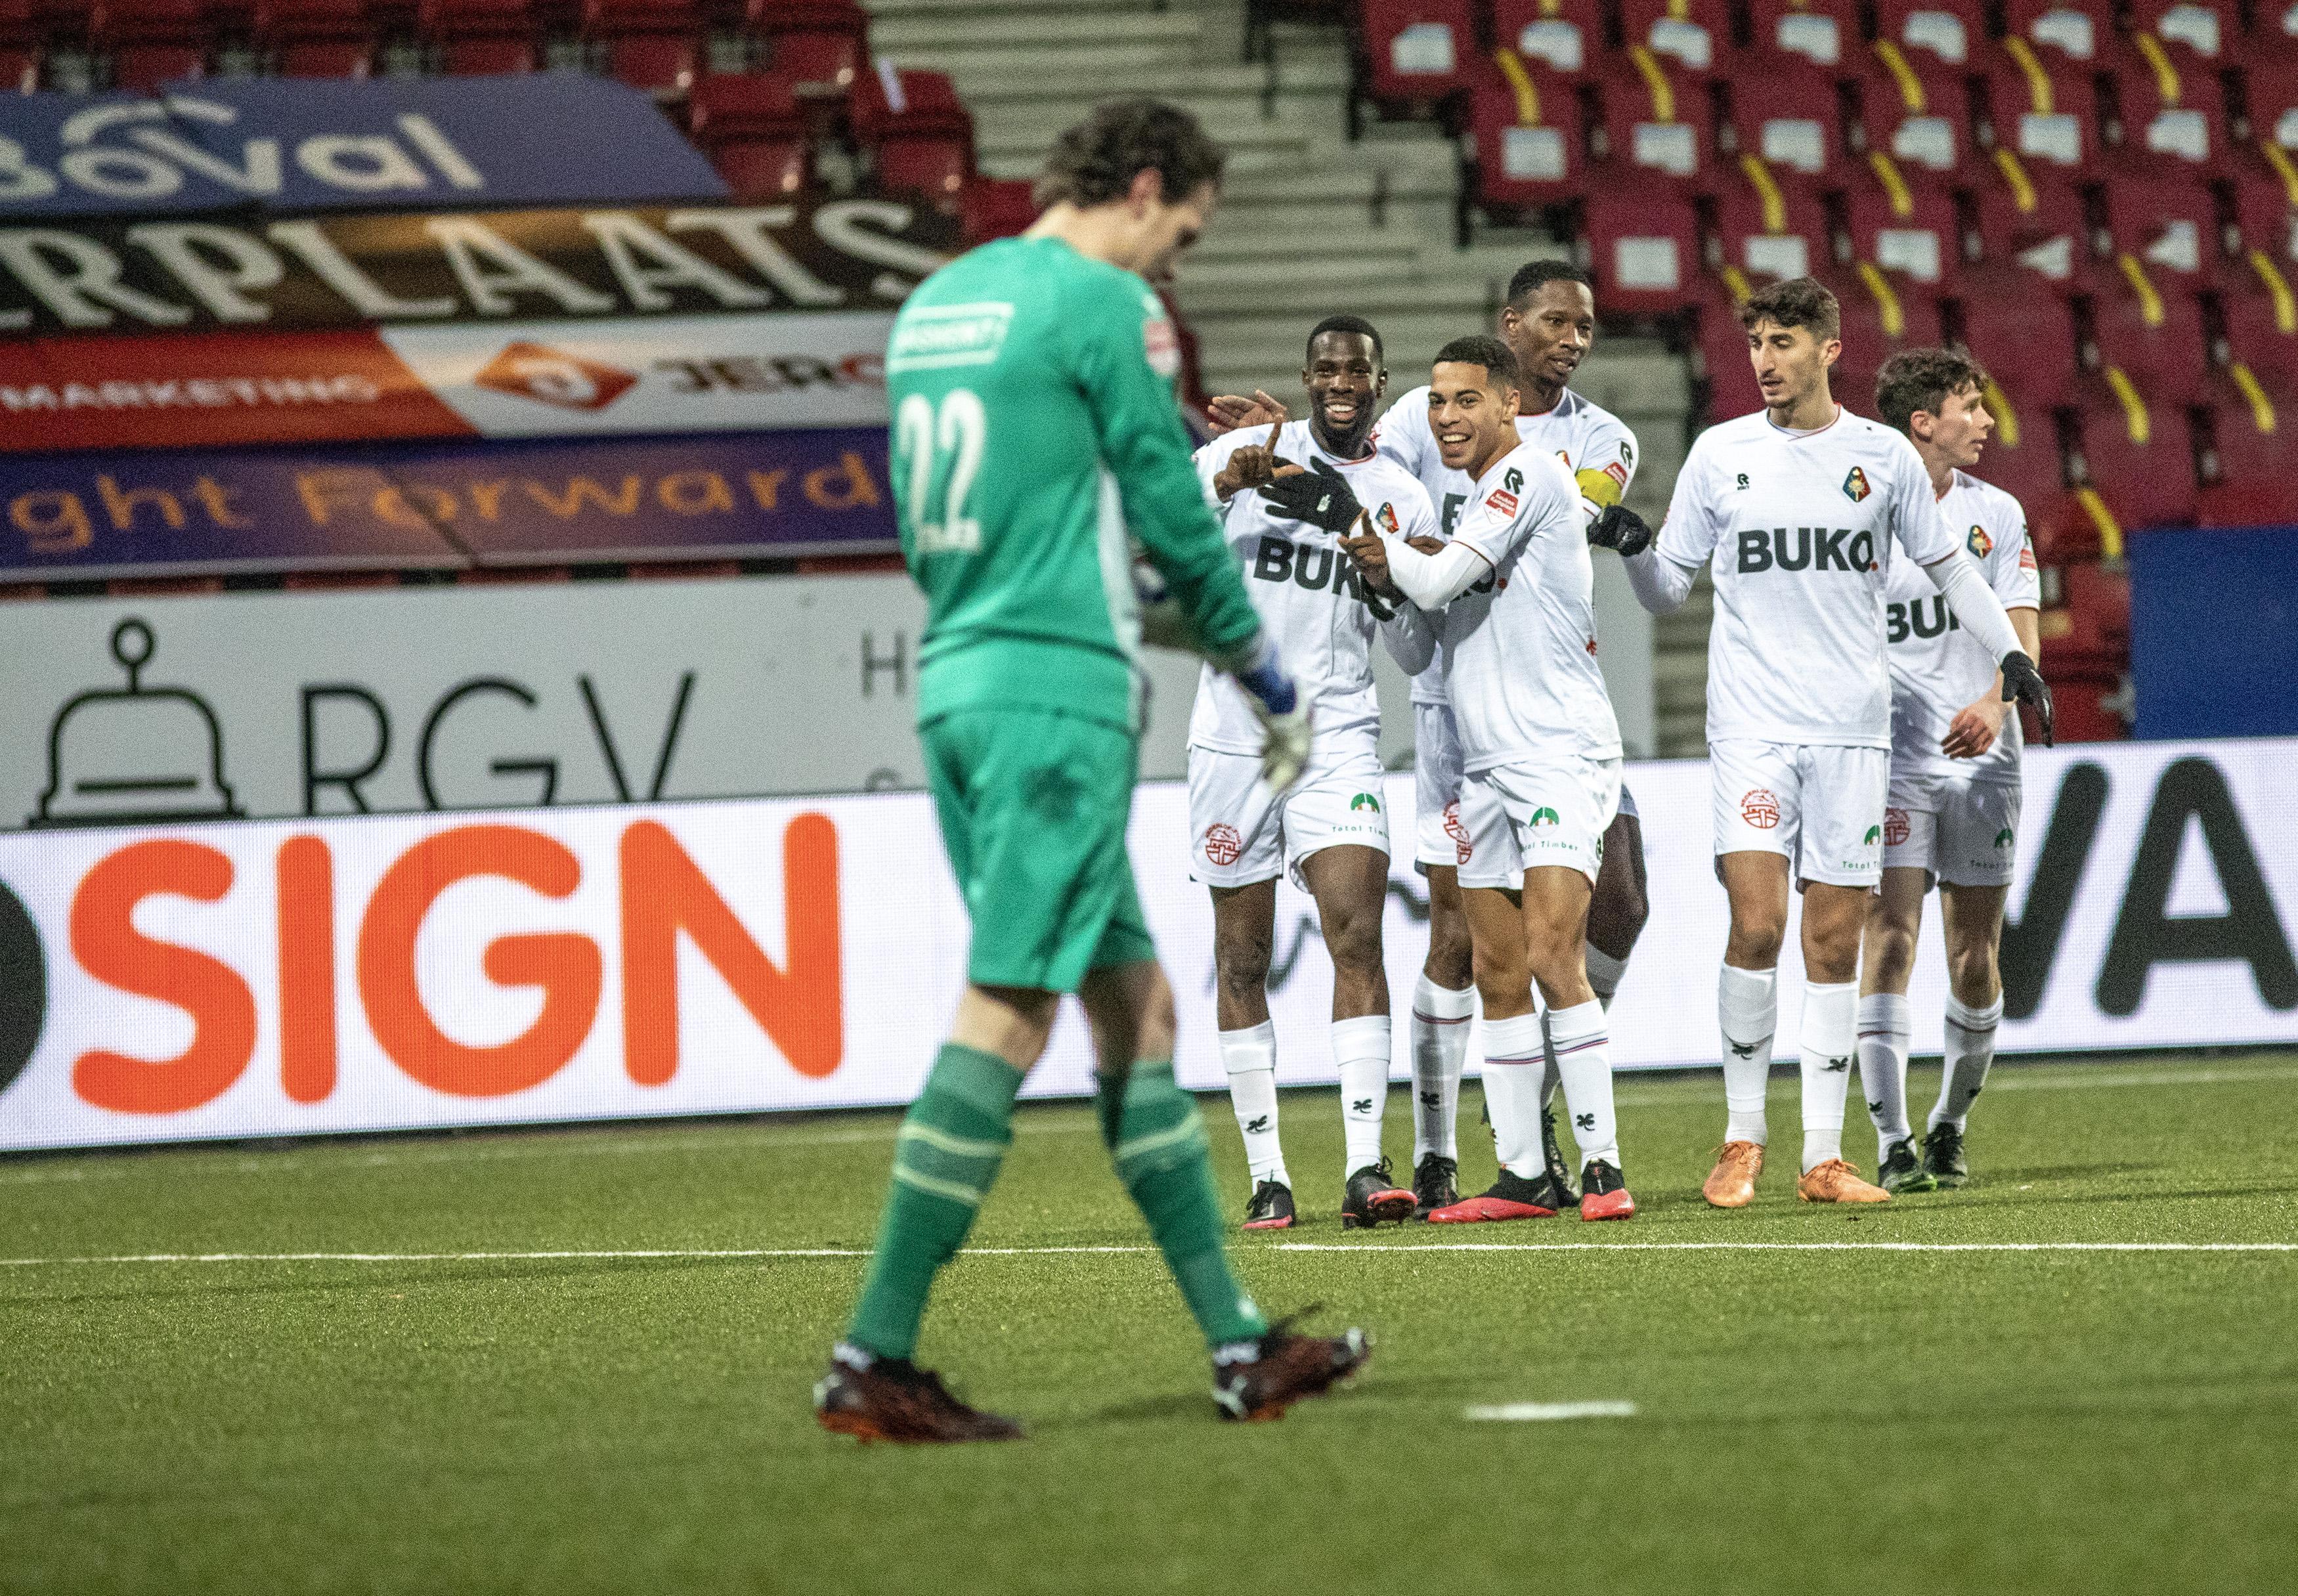 Gyliano van Velzen viel eerst op doordat de ballen van zijn voet stuitte, tegen NEC toonde hij zich een echte afmaker: 'Ik begin fitter te worden en mijn draai te vinden'